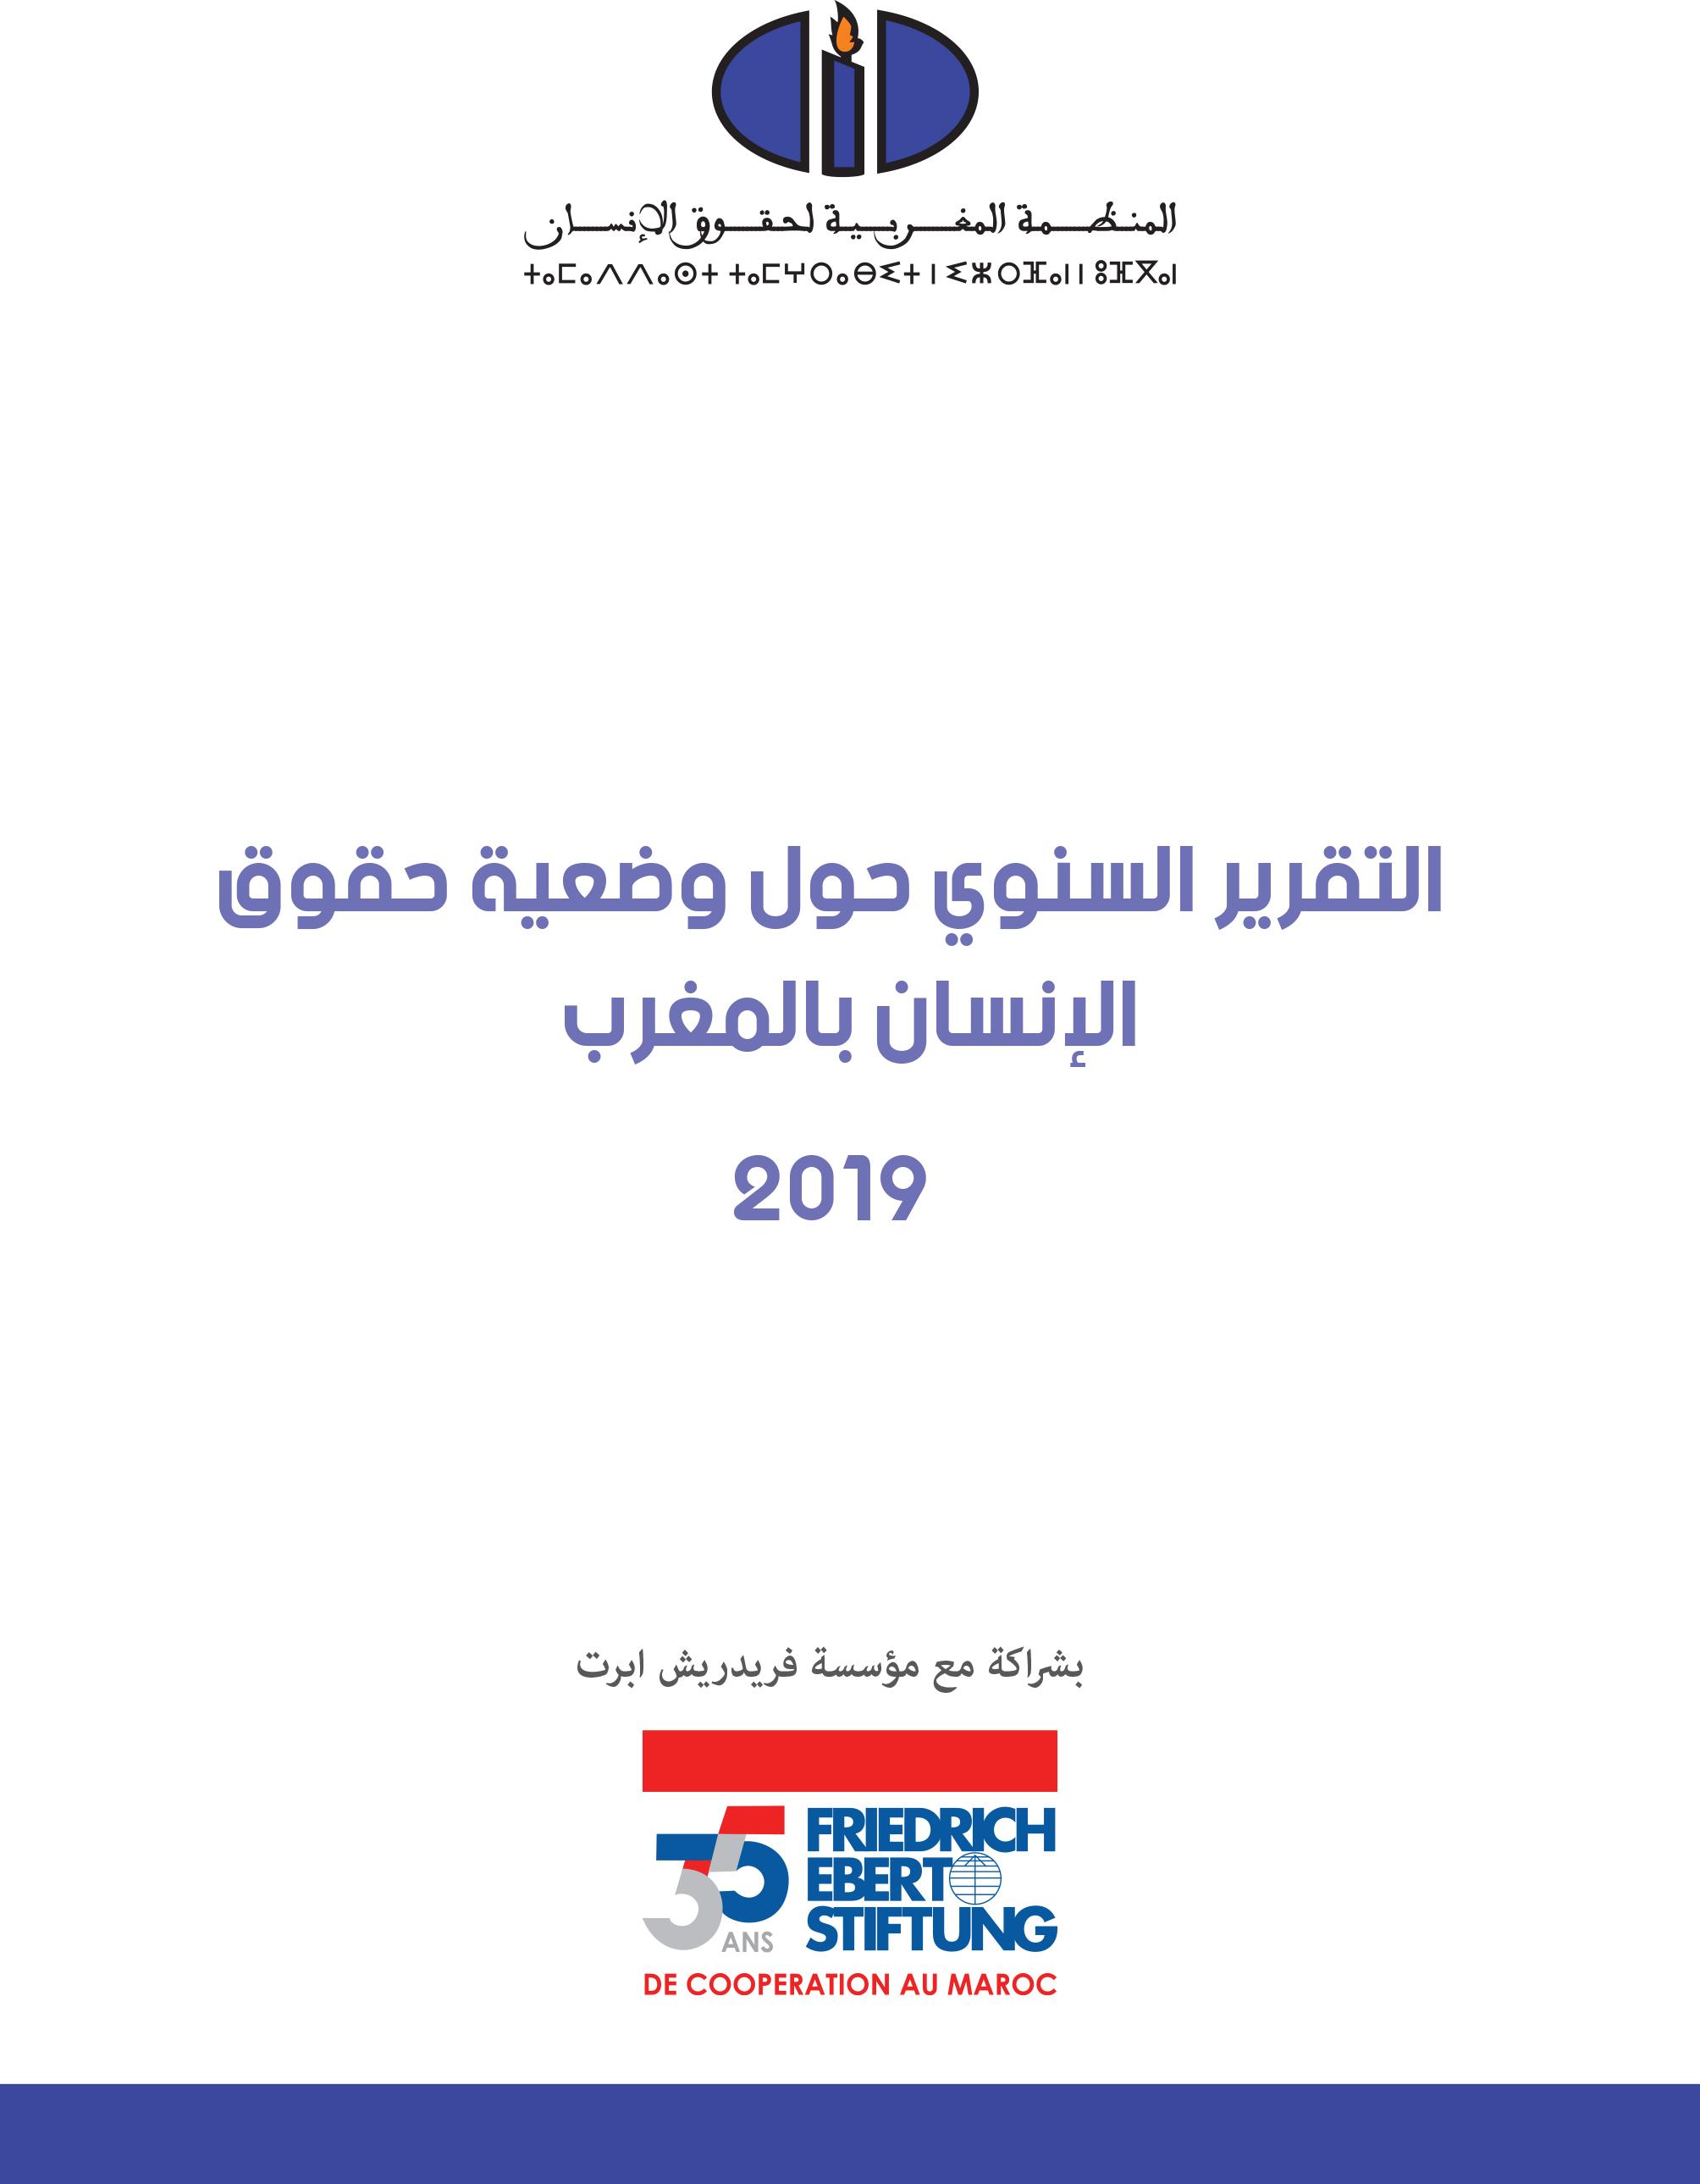 غلاف تقرير المنظمة في المغرب